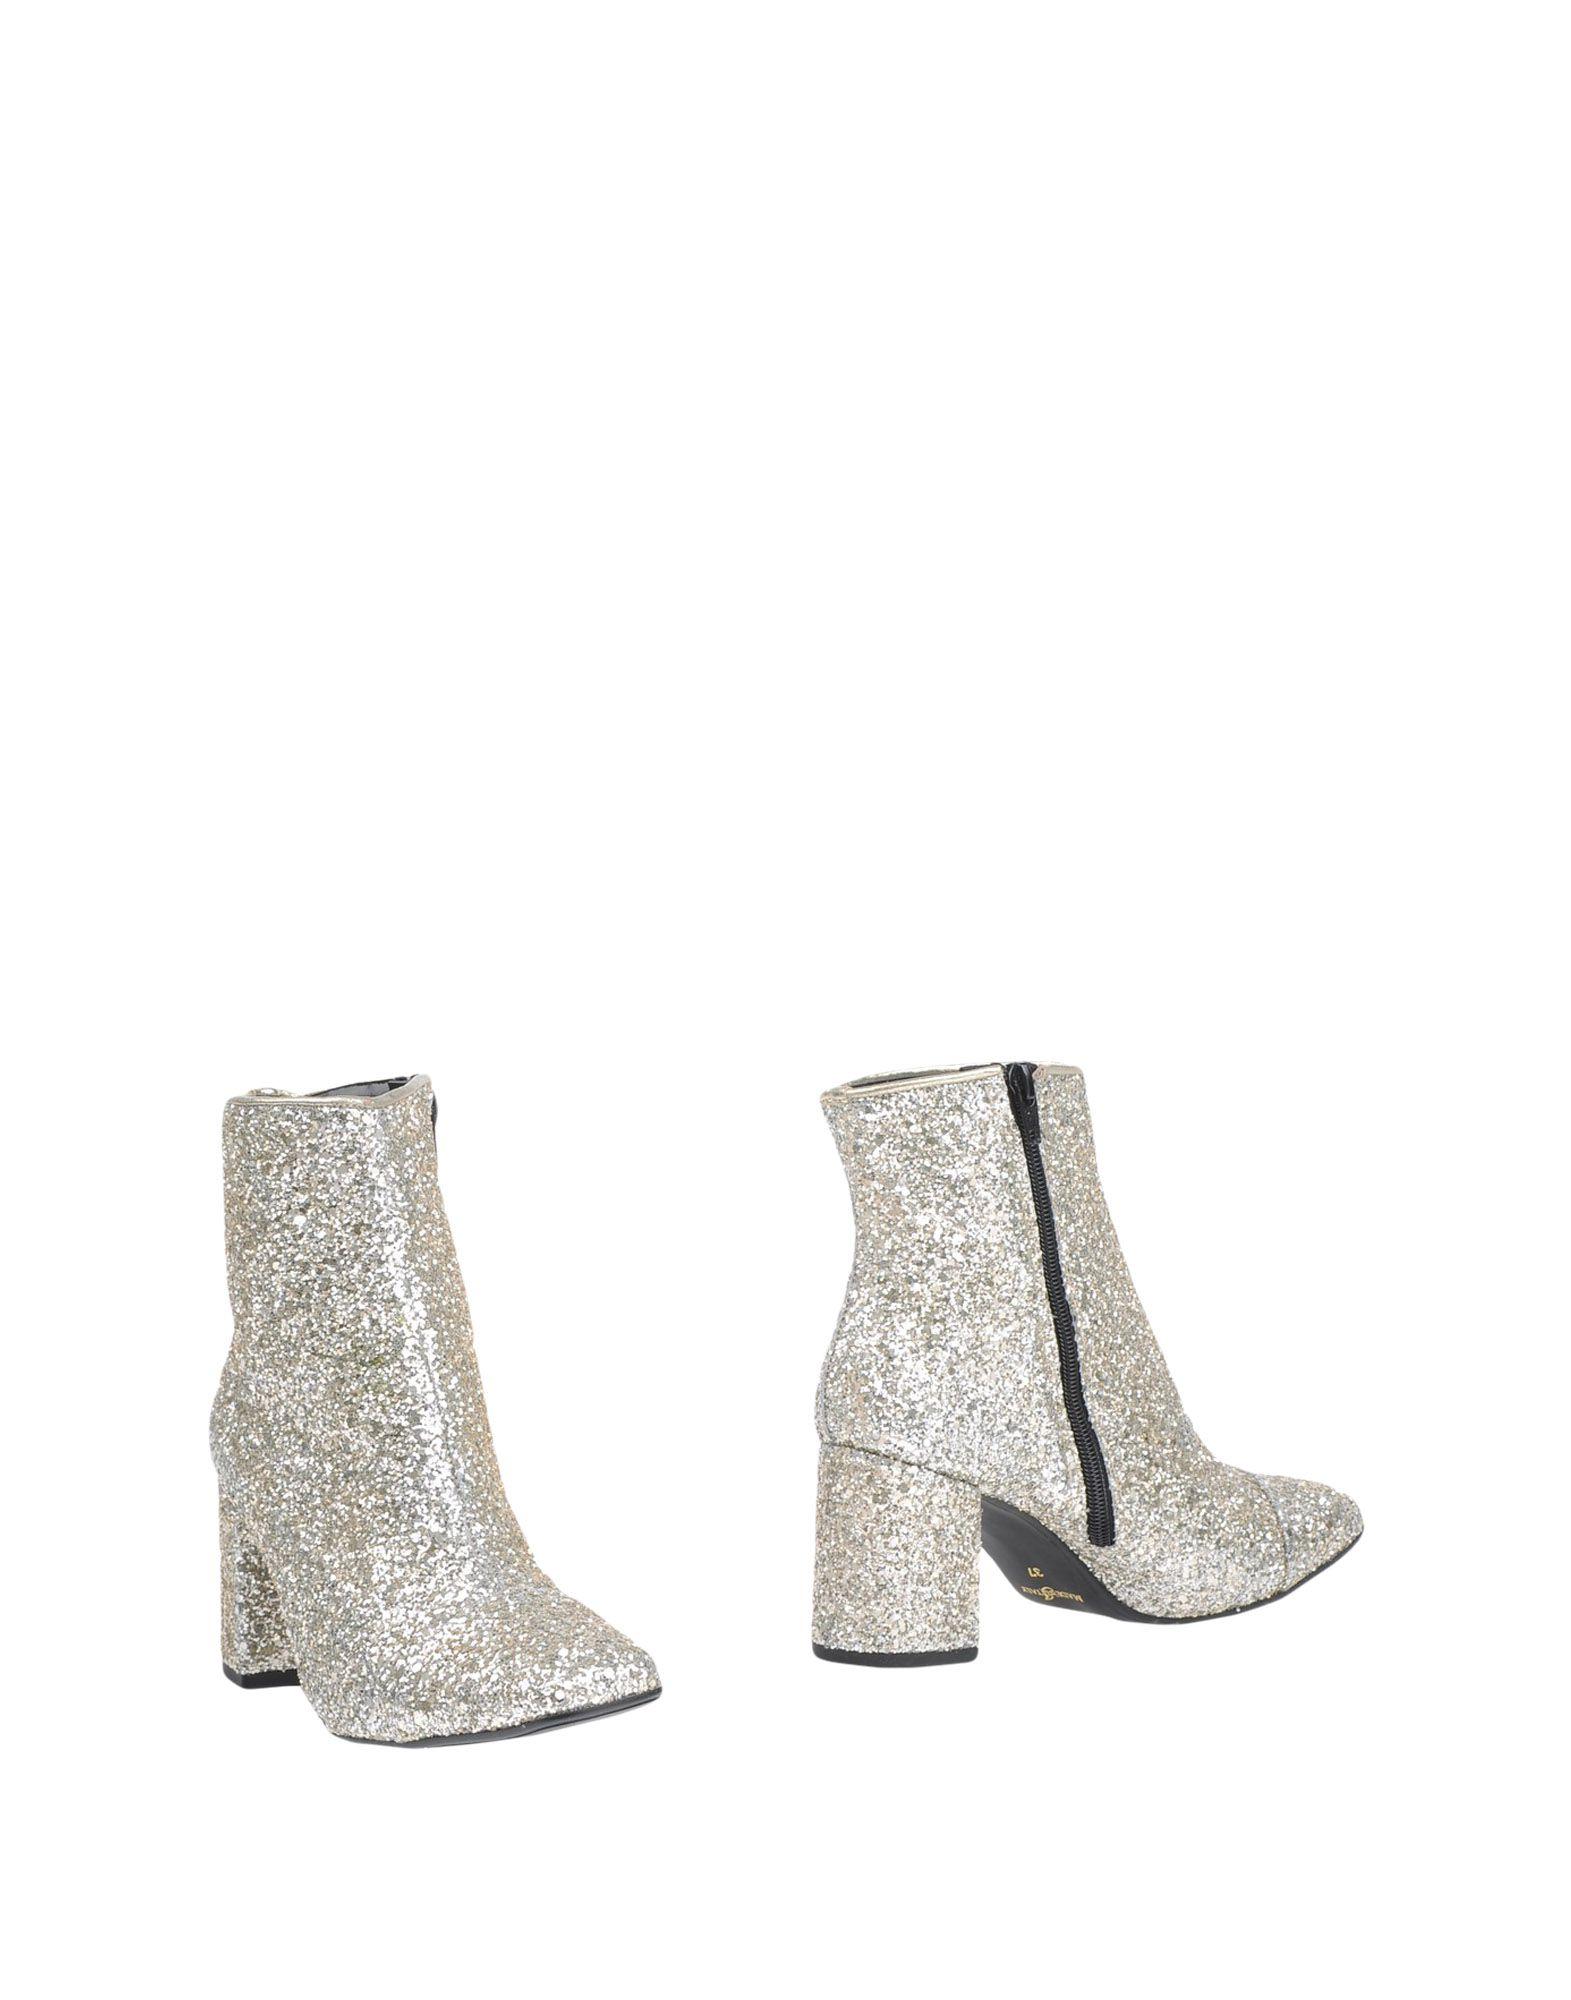 Divine Follie Stiefelette Damen  11332353QN Gute Qualität beliebte Schuhe